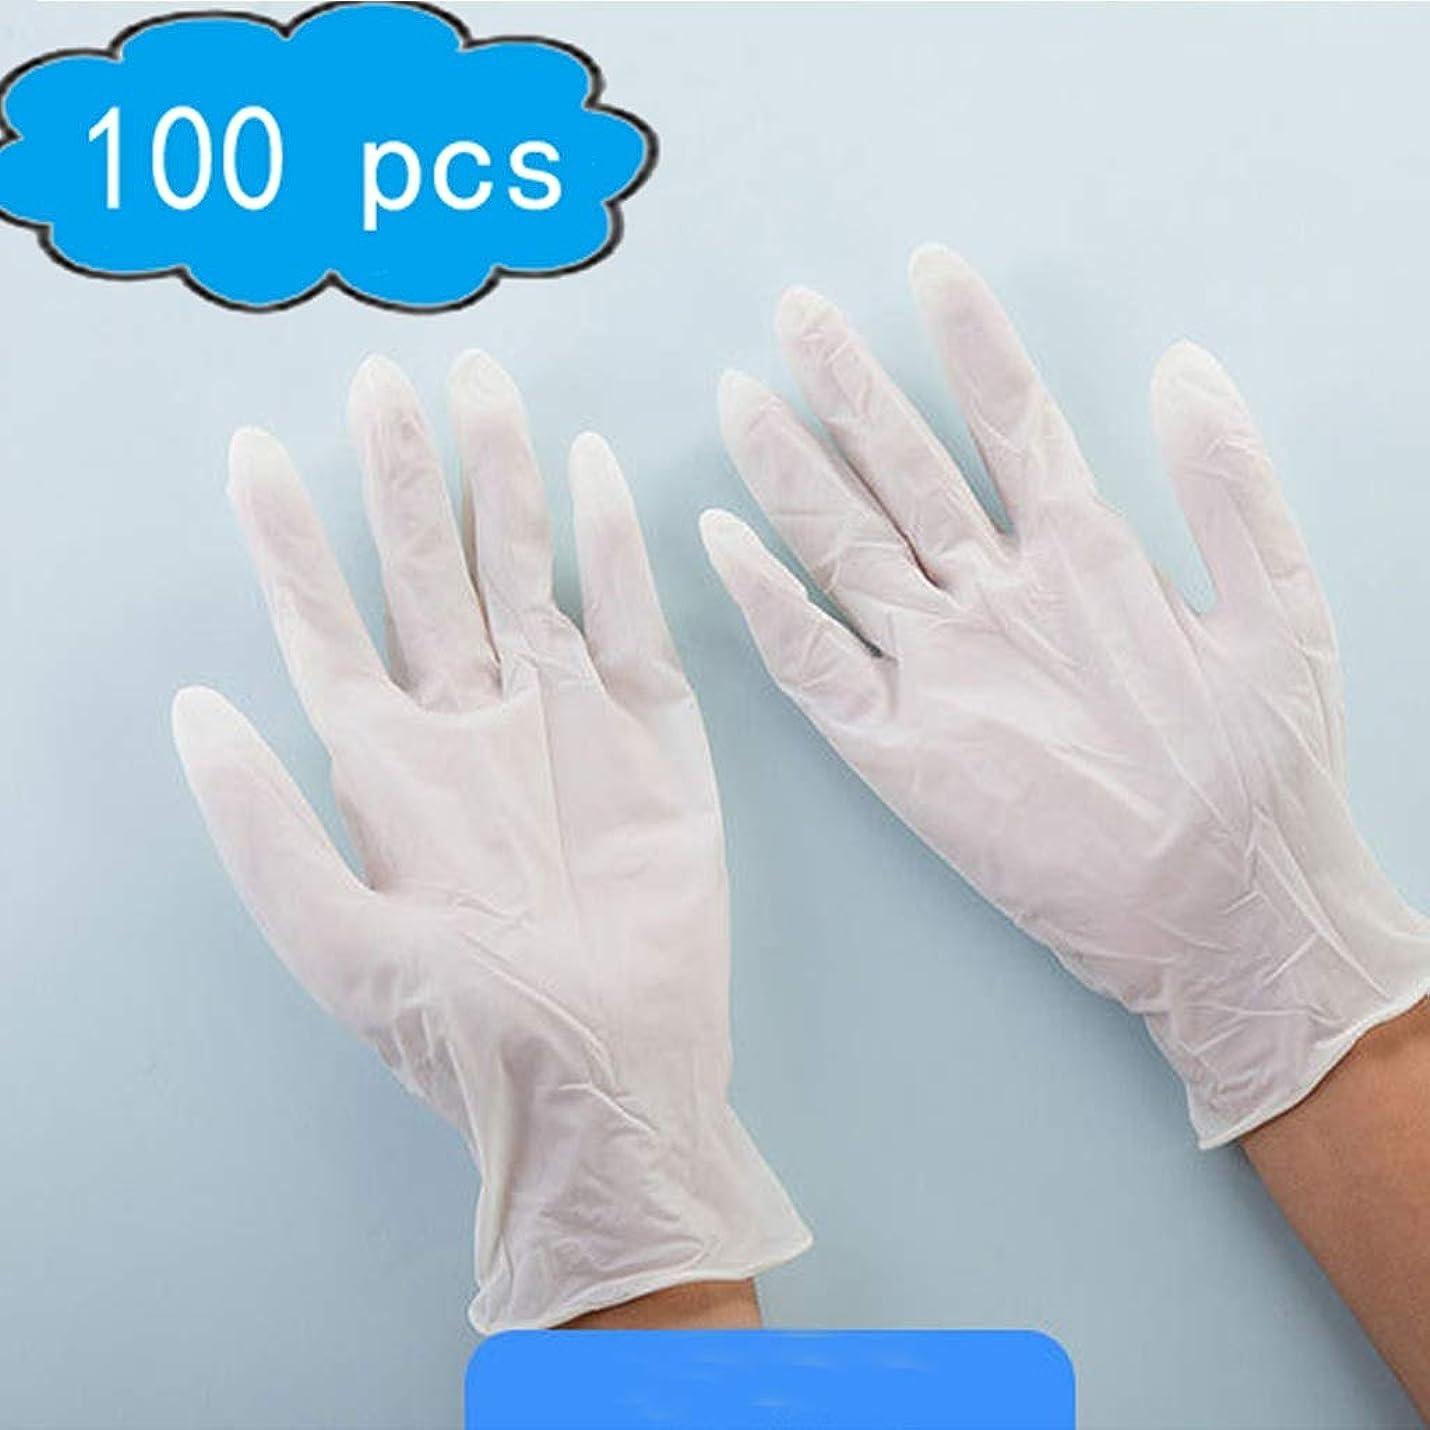 判読できない国際災難使い捨て手袋、厚手版、白い粉のない使い捨てニトリル手袋[100パック] - 大、サニタリー手袋、応急処置用品 (Color : White, Size : S)